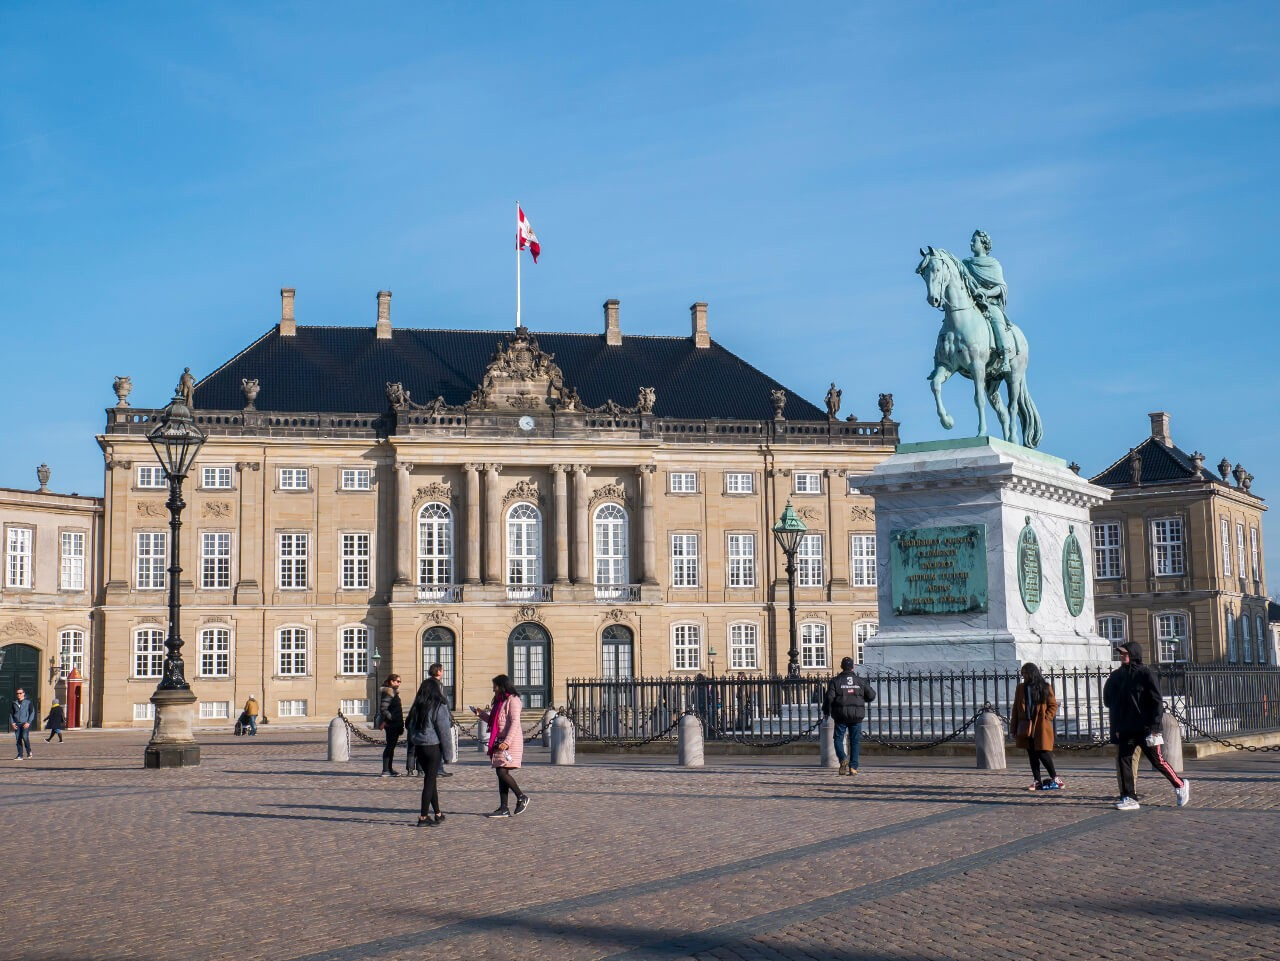 Jeden z czterech pałaców kompleksu Amalienborg